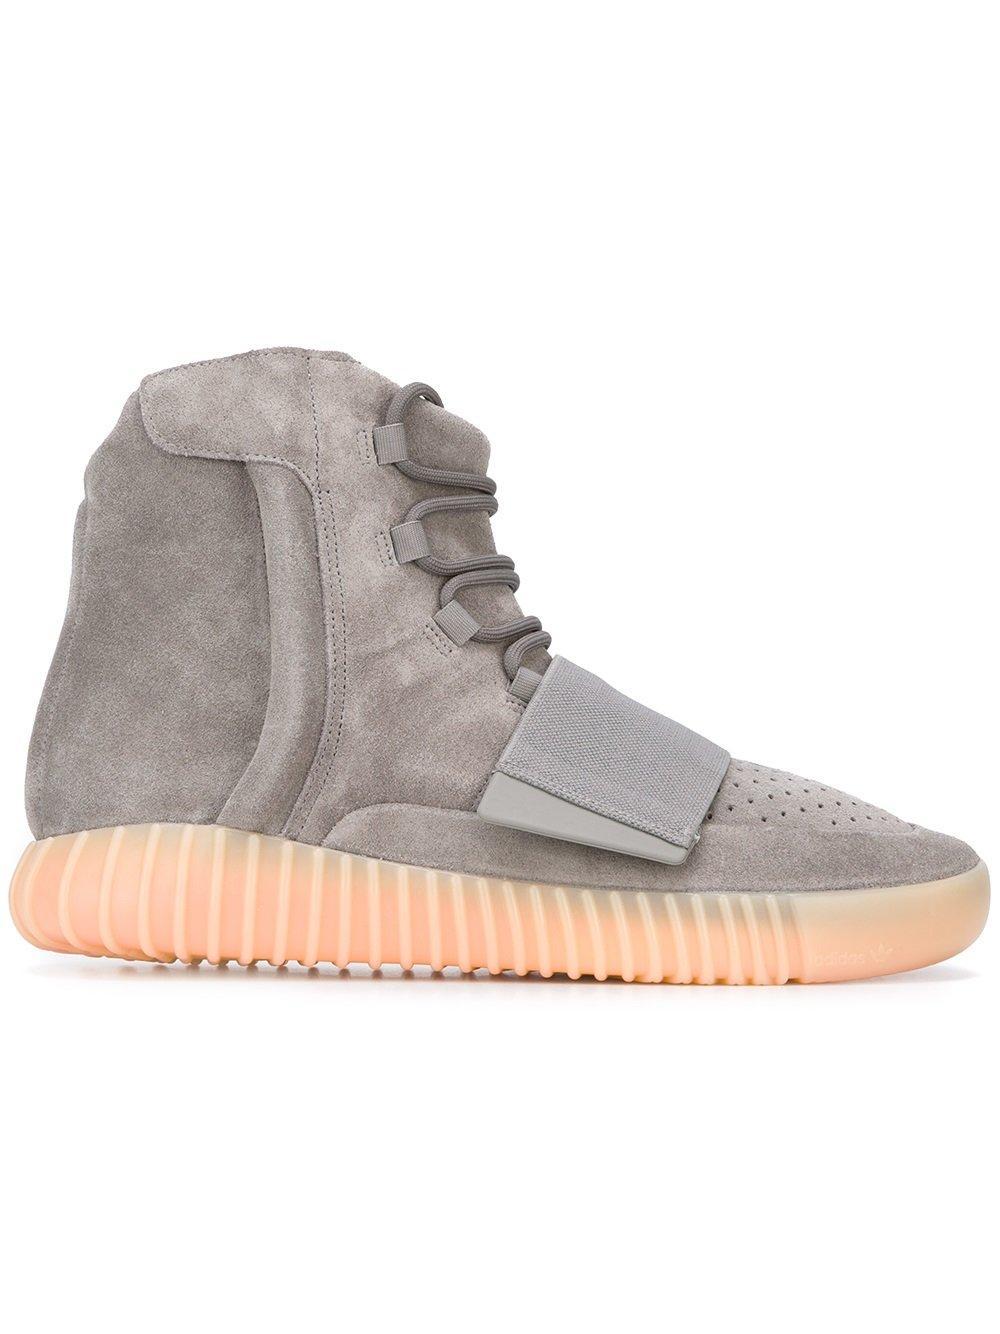 ee97a44b9 Yeezy Adidas High-Top-Sneakers - Grau In Grey